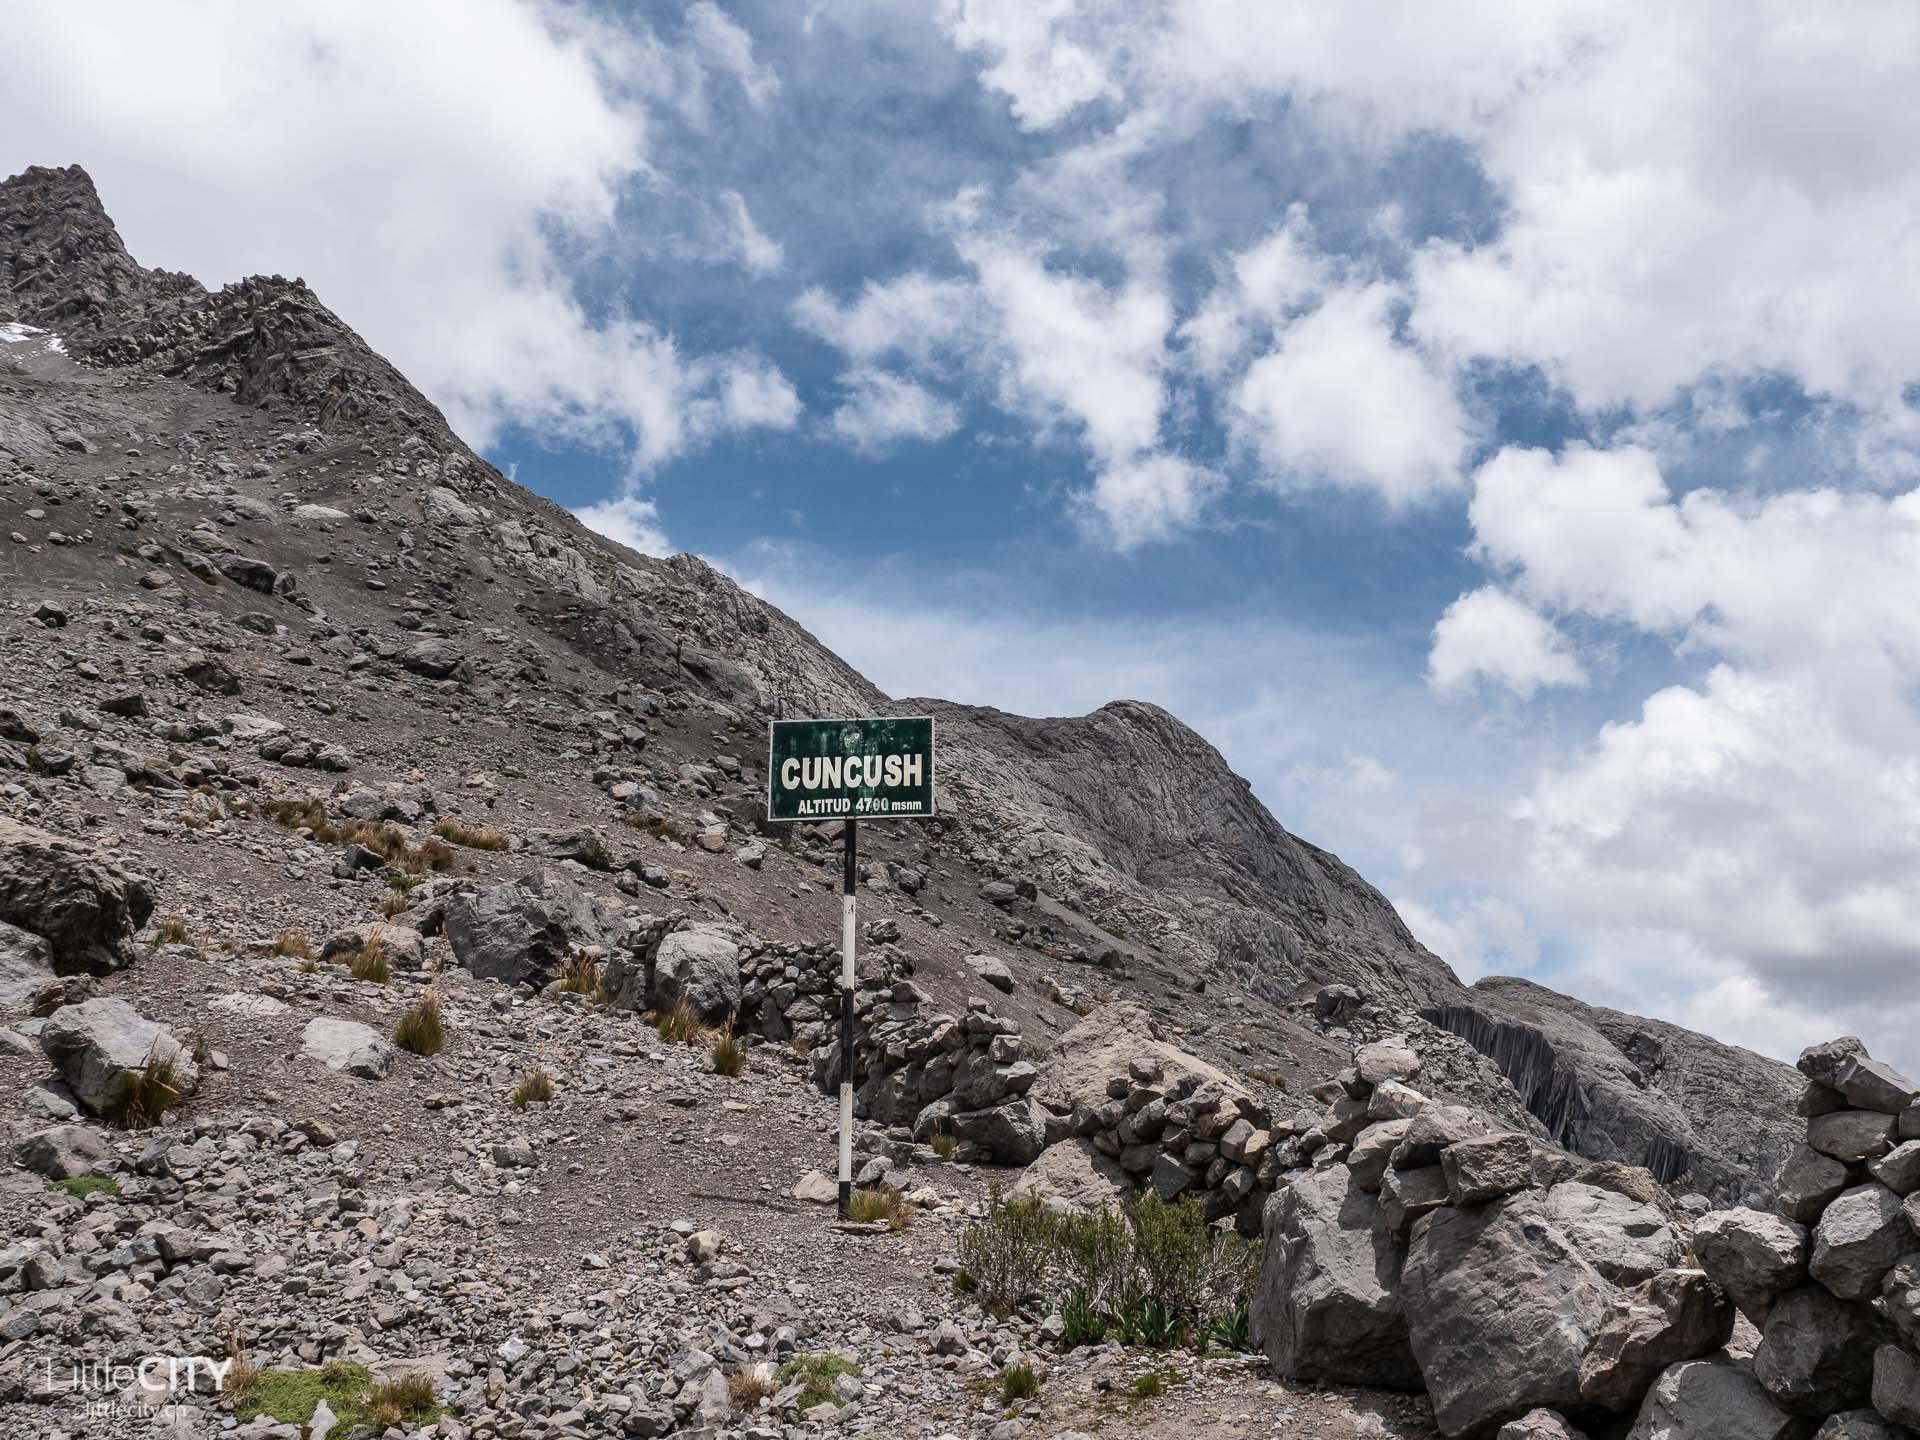 Peru Cunush 4700 m